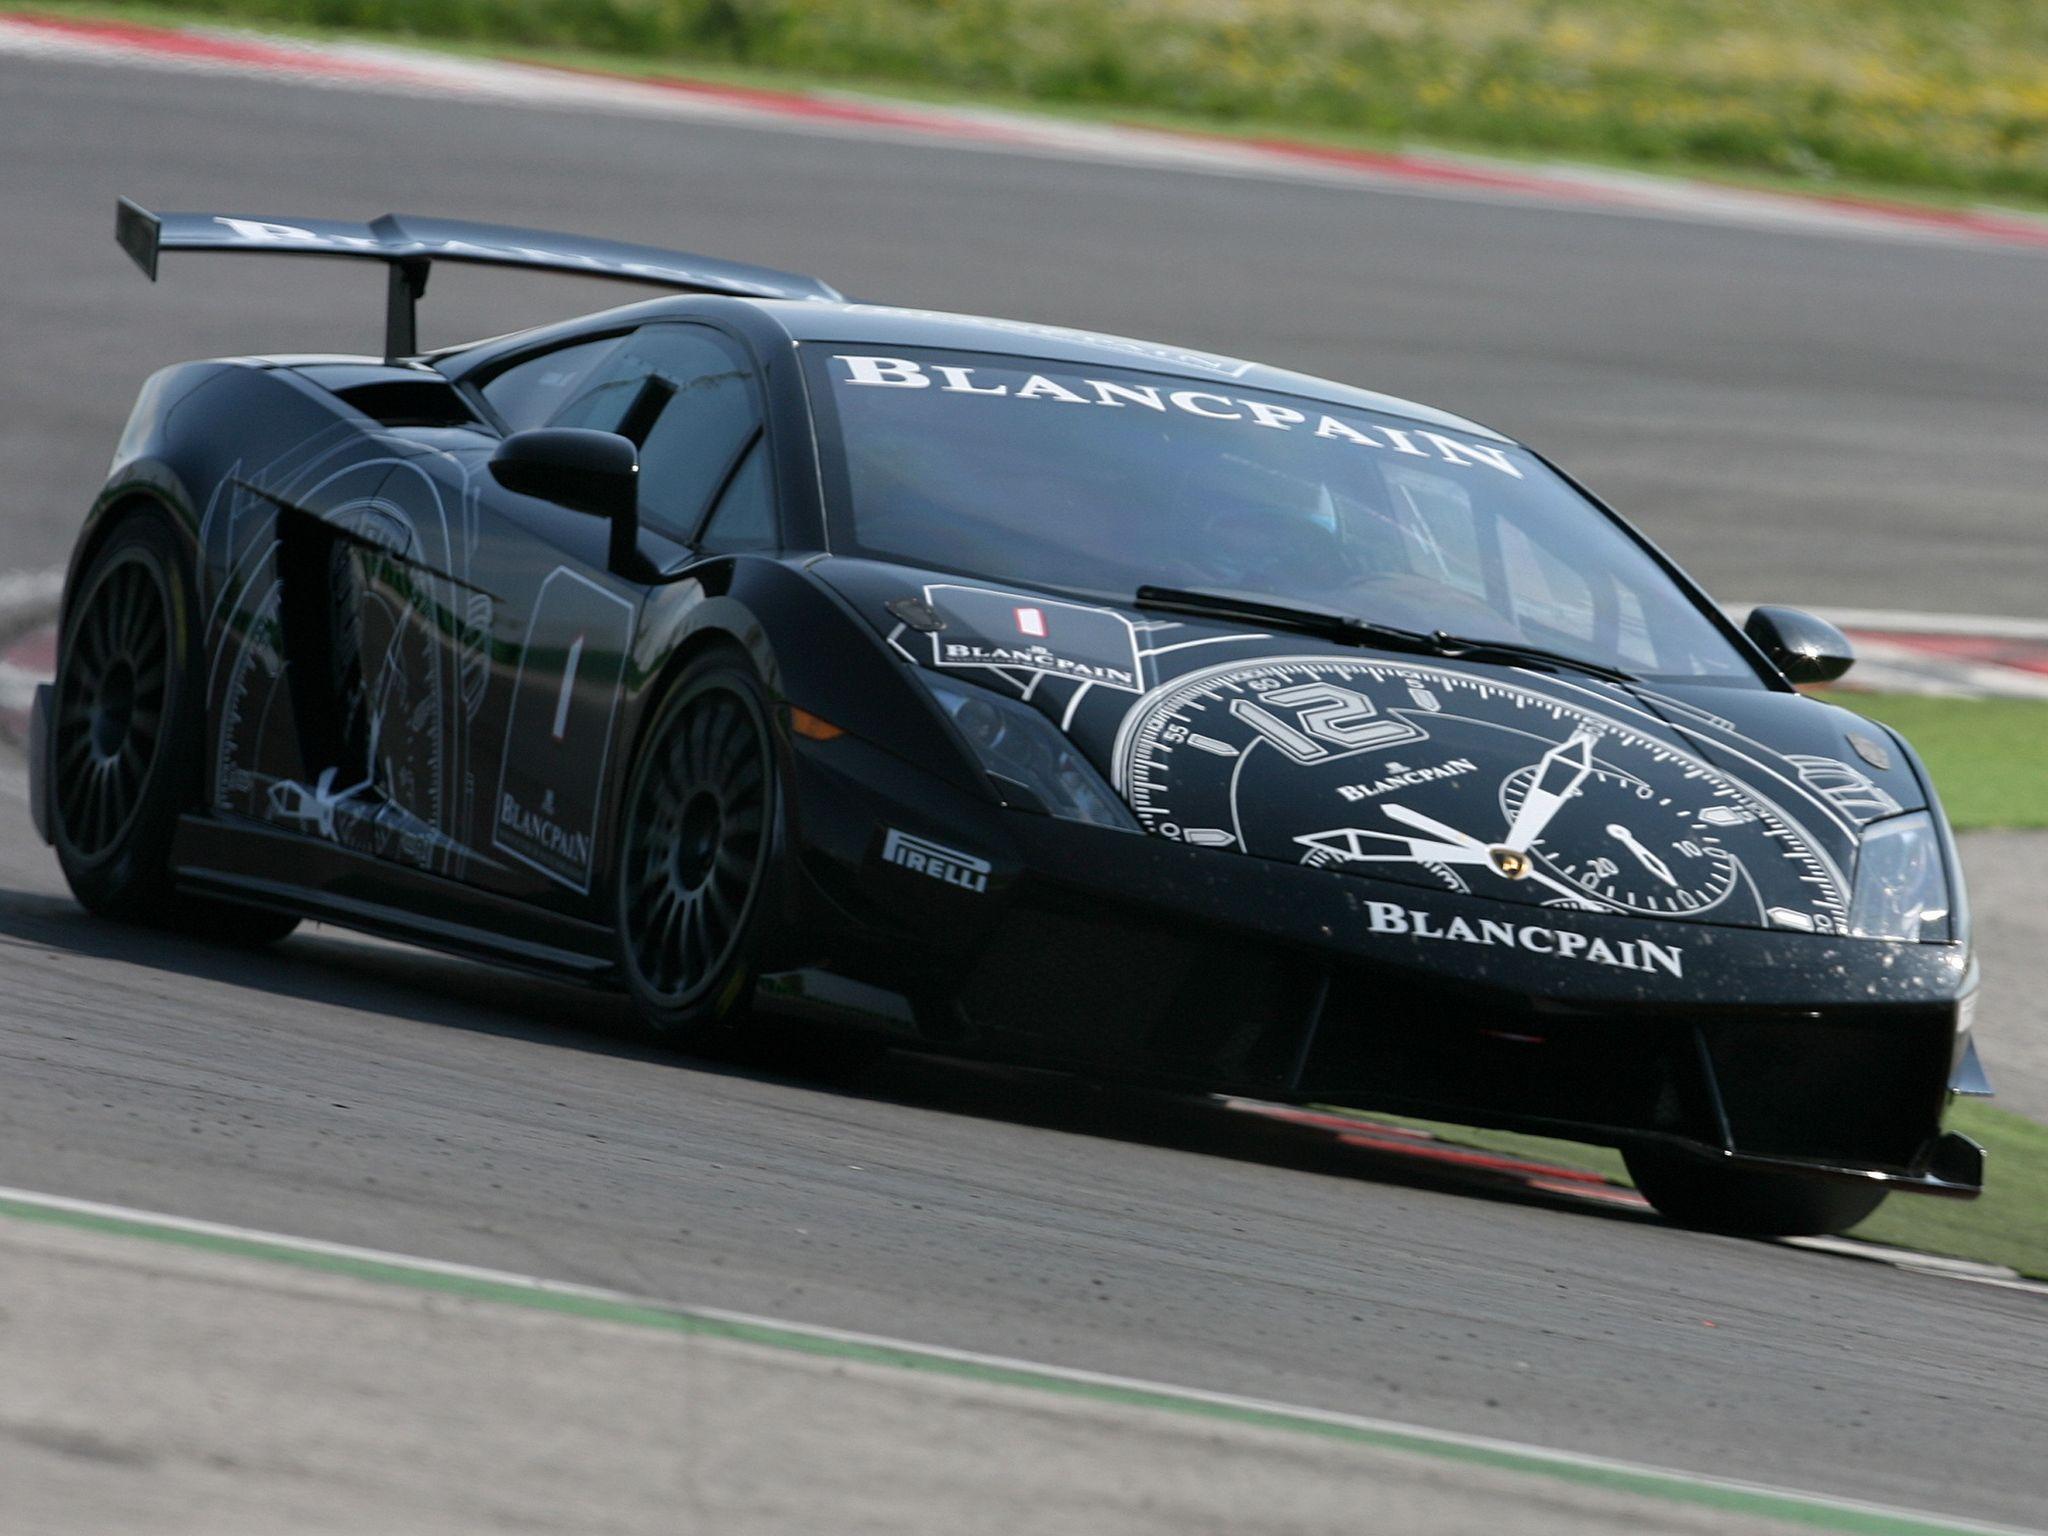 Lando Norris: 'Growing up watching Lewis, McLaren was my favourite car'